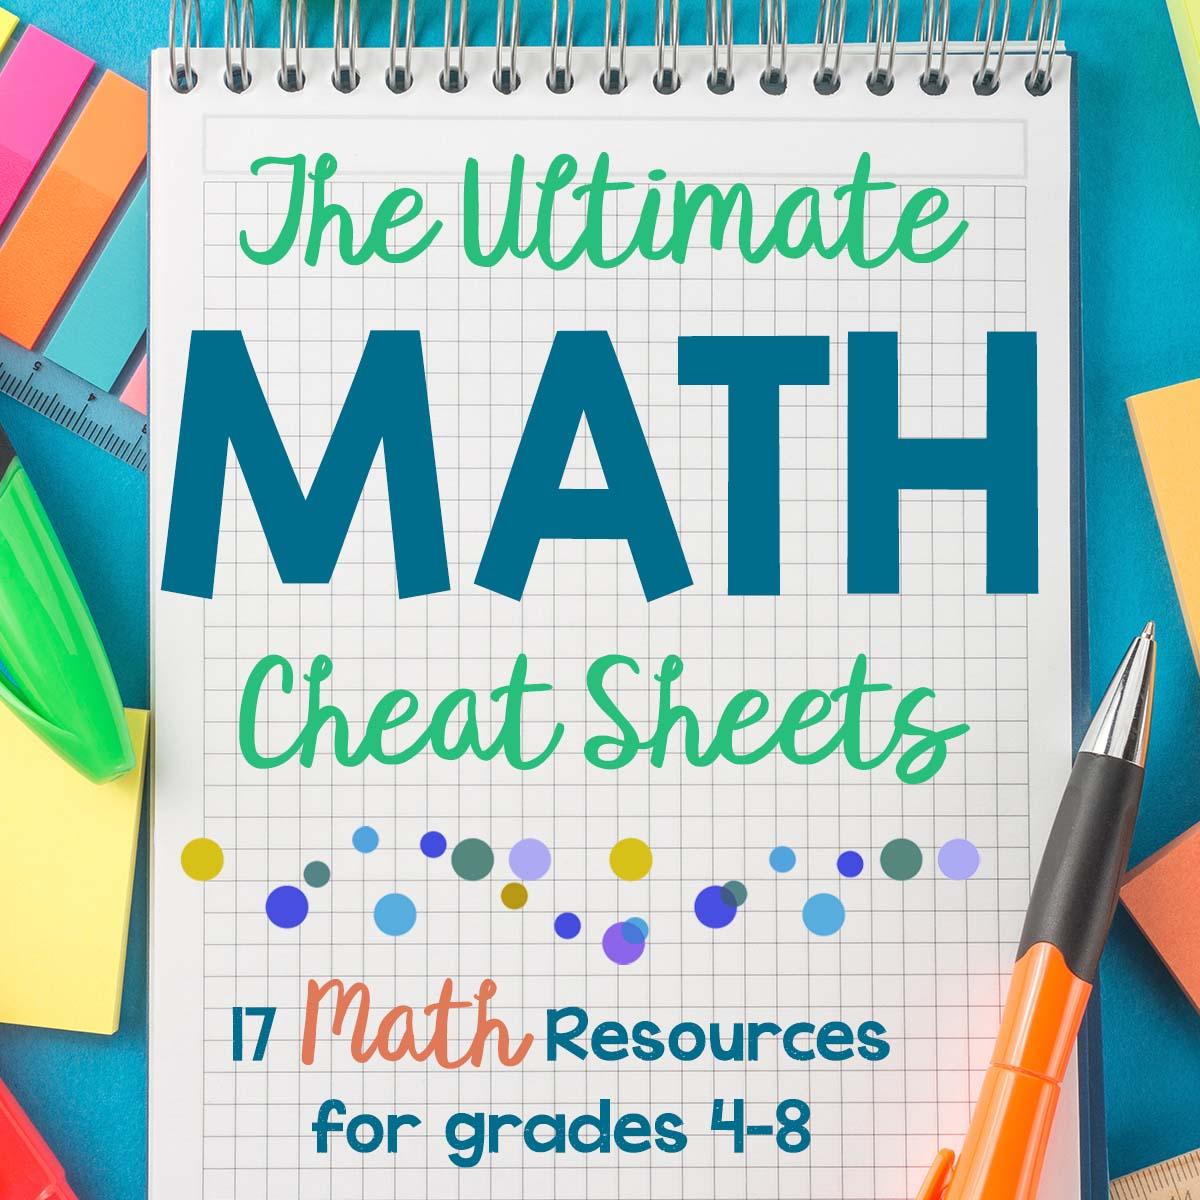 Math Cheat Sheet: Free Homeschool Math Resource for Grades 4-8